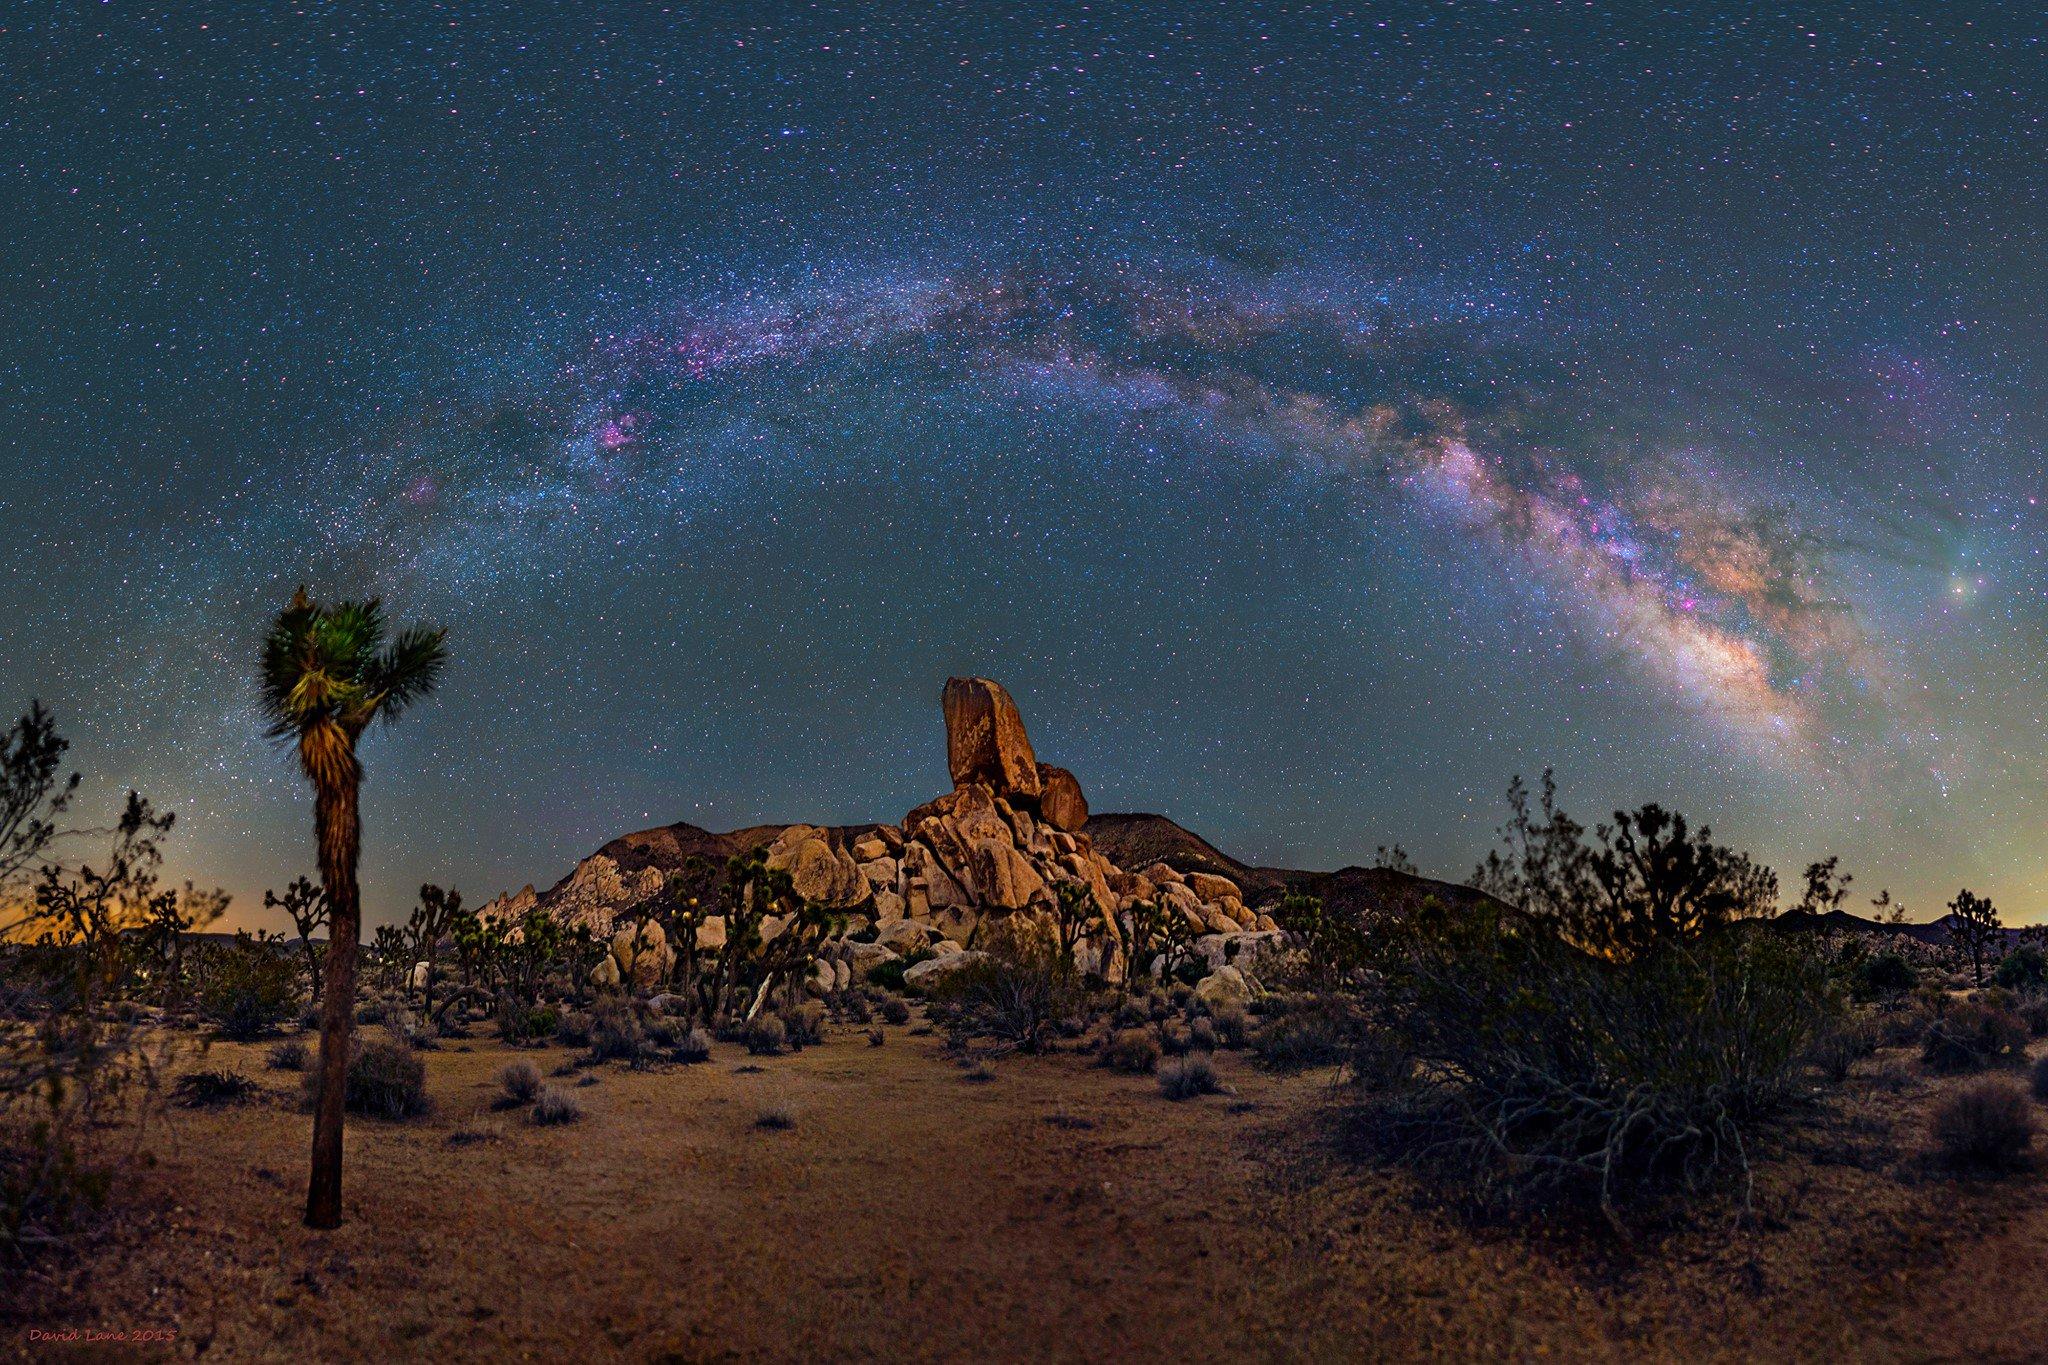 Fotos noturnas registram o céu de uma forma que você nunca viu